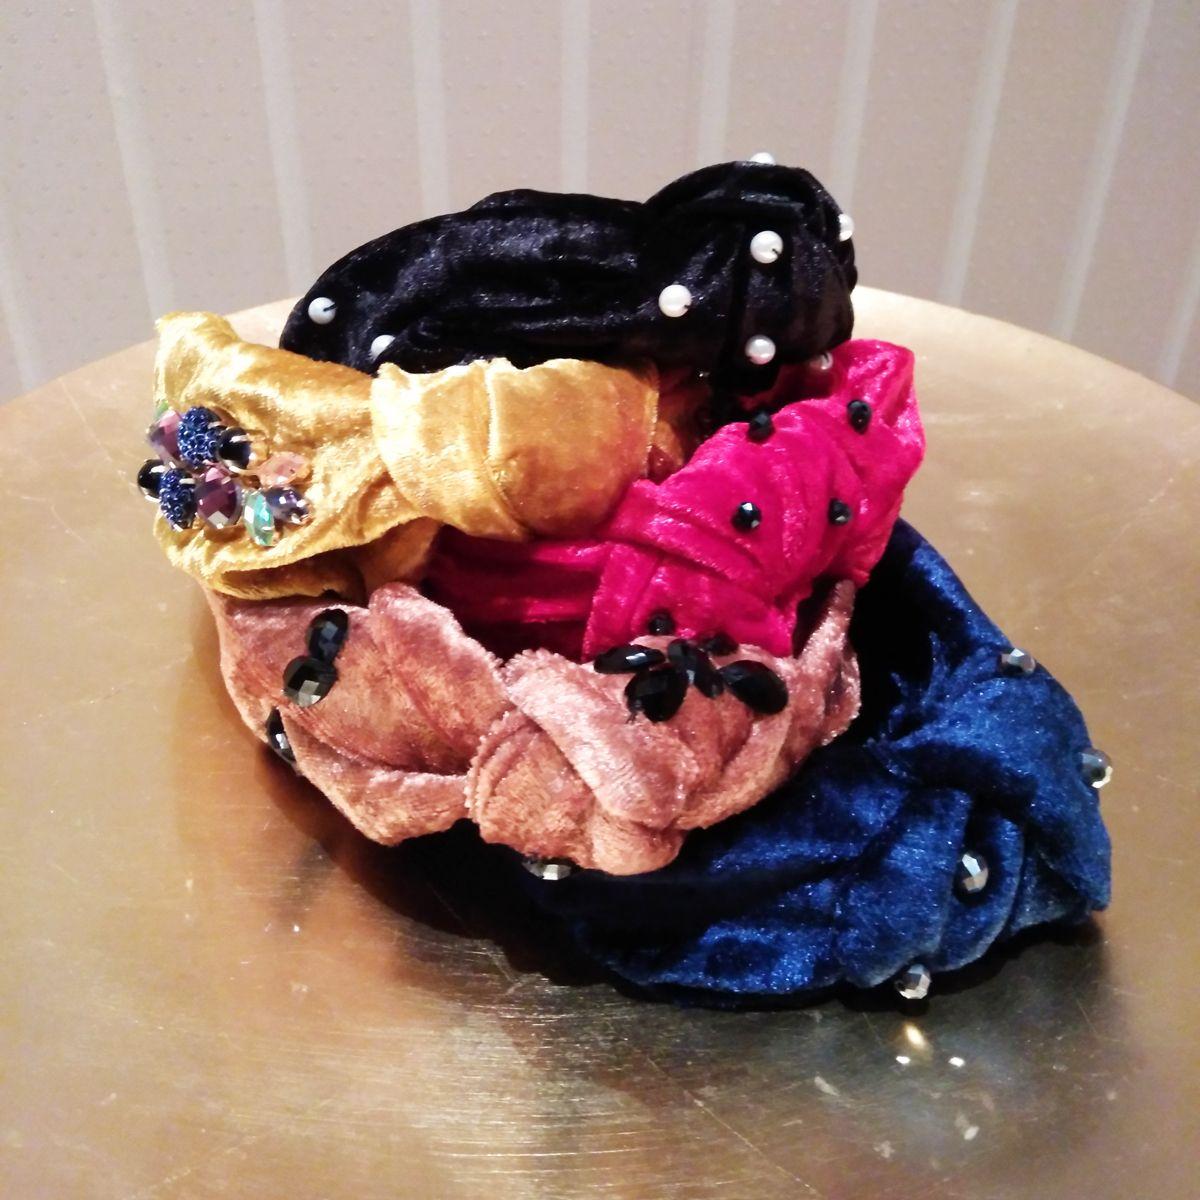 Missperla.es - Diadema turbante. Diadema de terciopelo para lucir en   looknavideños estas fiestas. Es totalmente personalizable. ae4c96b674a